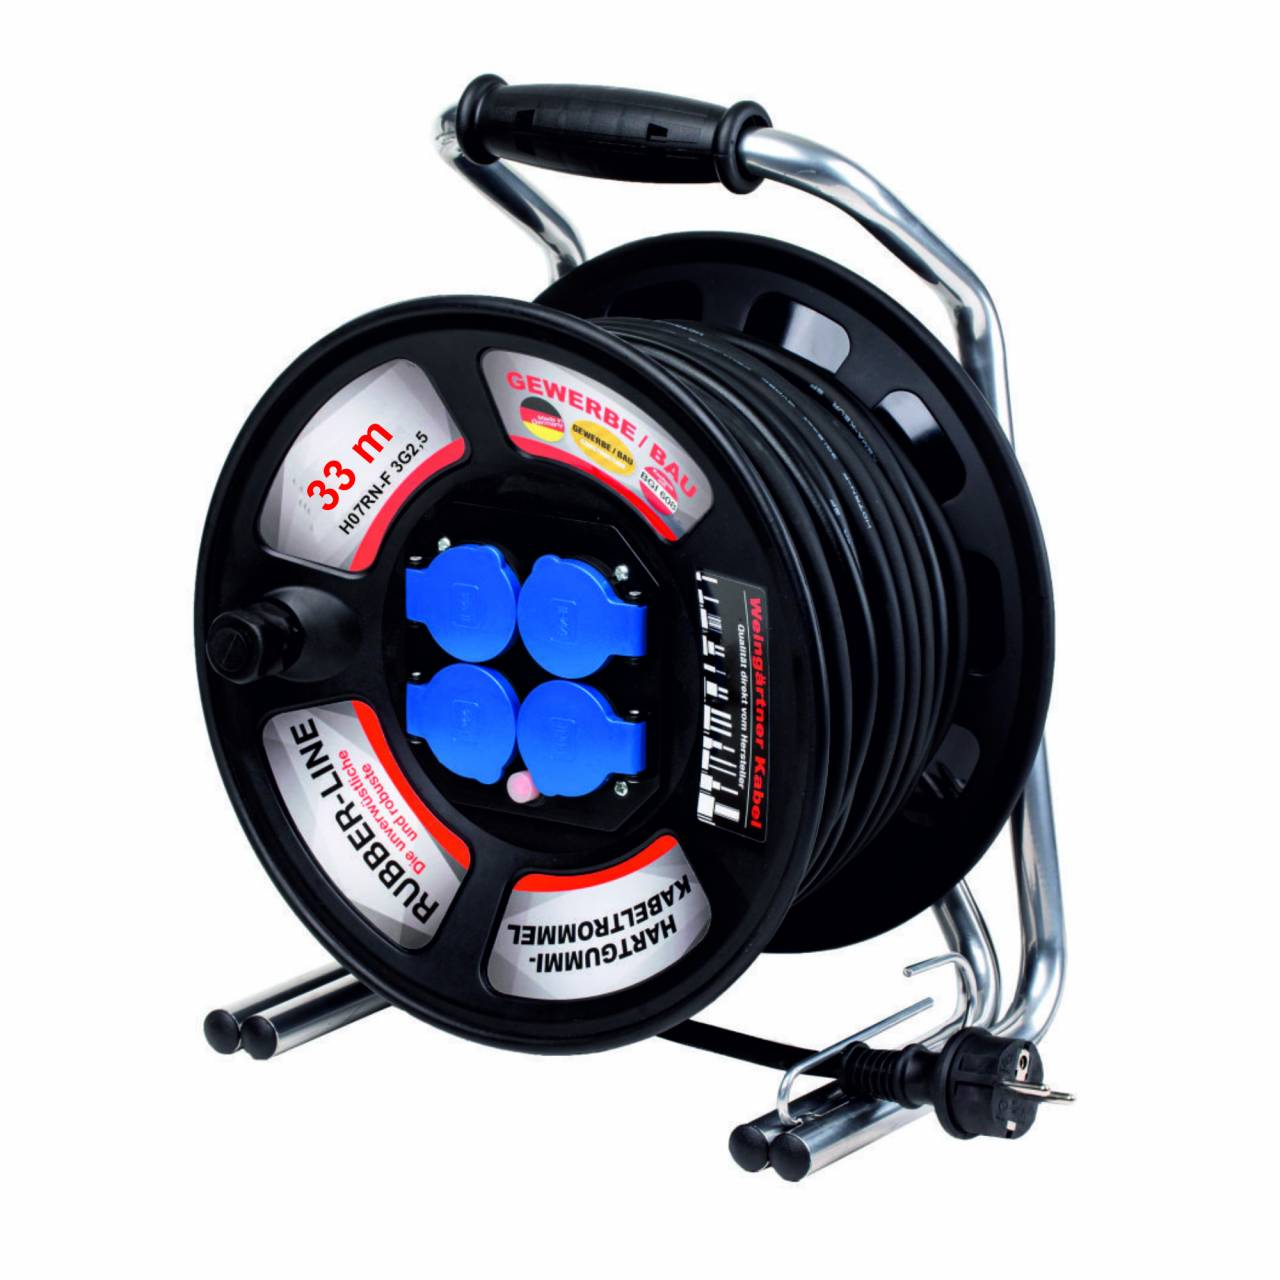 Kabeltrommel 'Rubber-Line 40179' 230V, H07RN-F 3G2,5 / 33 m